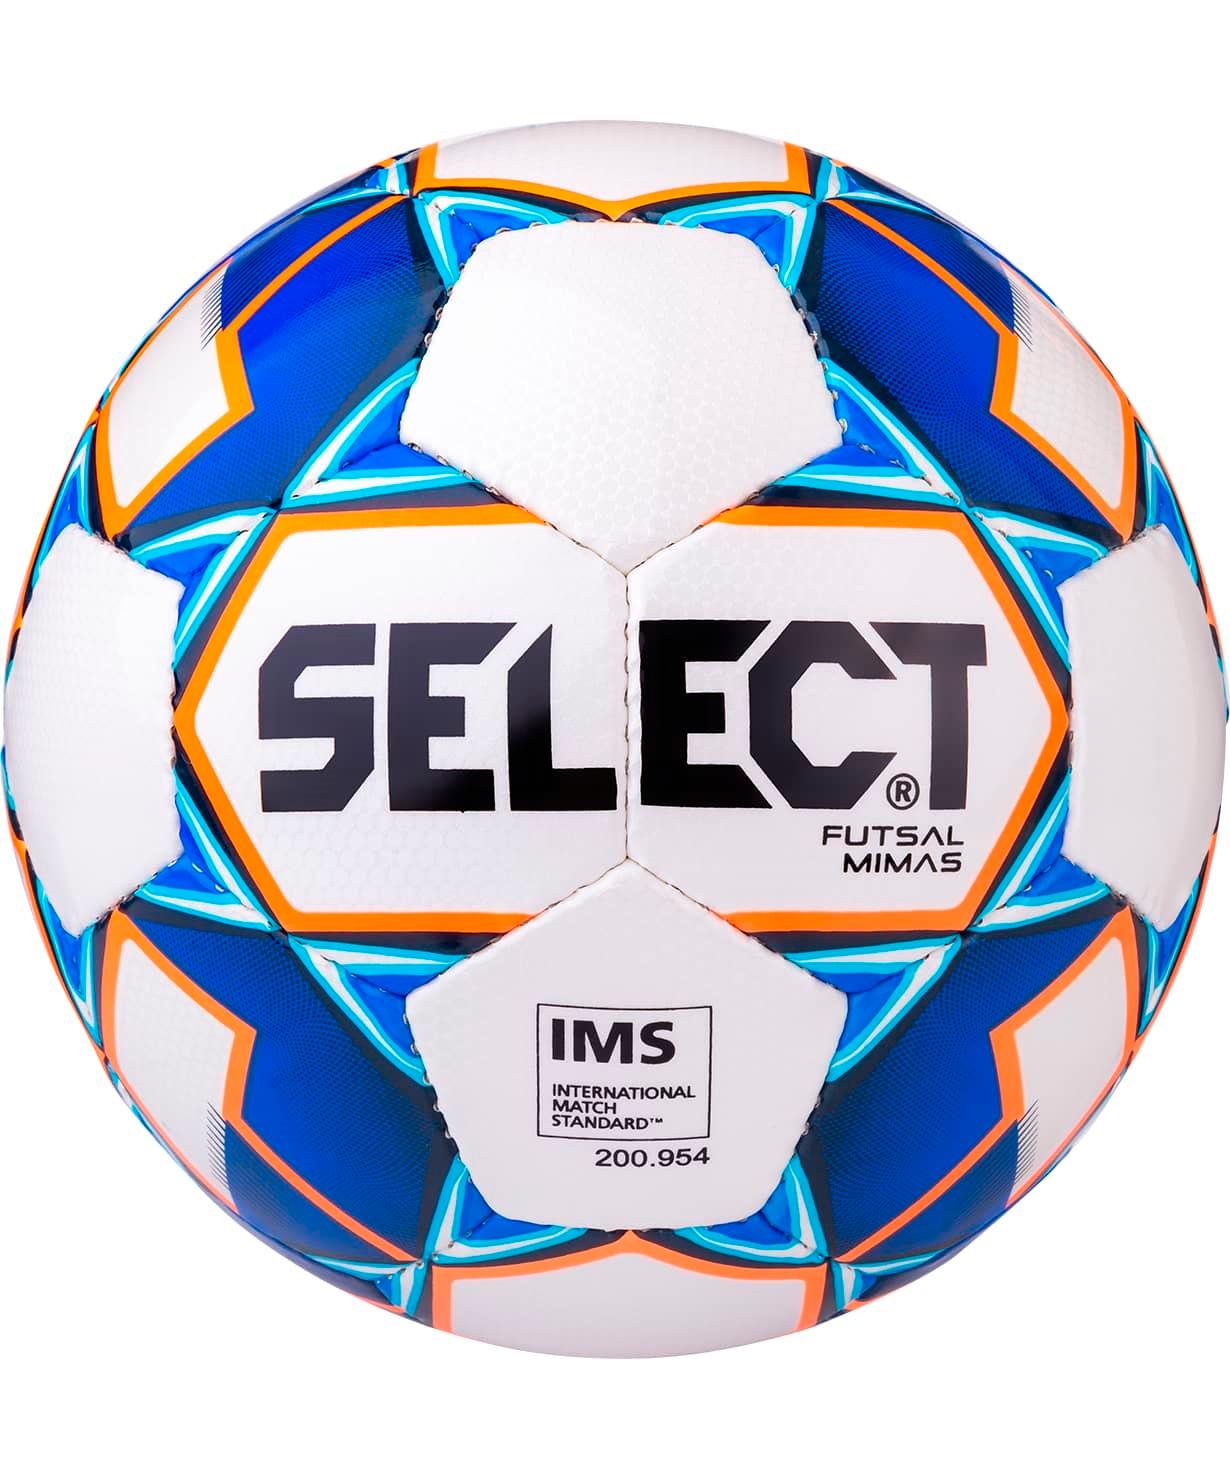 Мяч футзальный Futsal Mimas IMS 852608 №4, белый/синий/оранжевый/черный